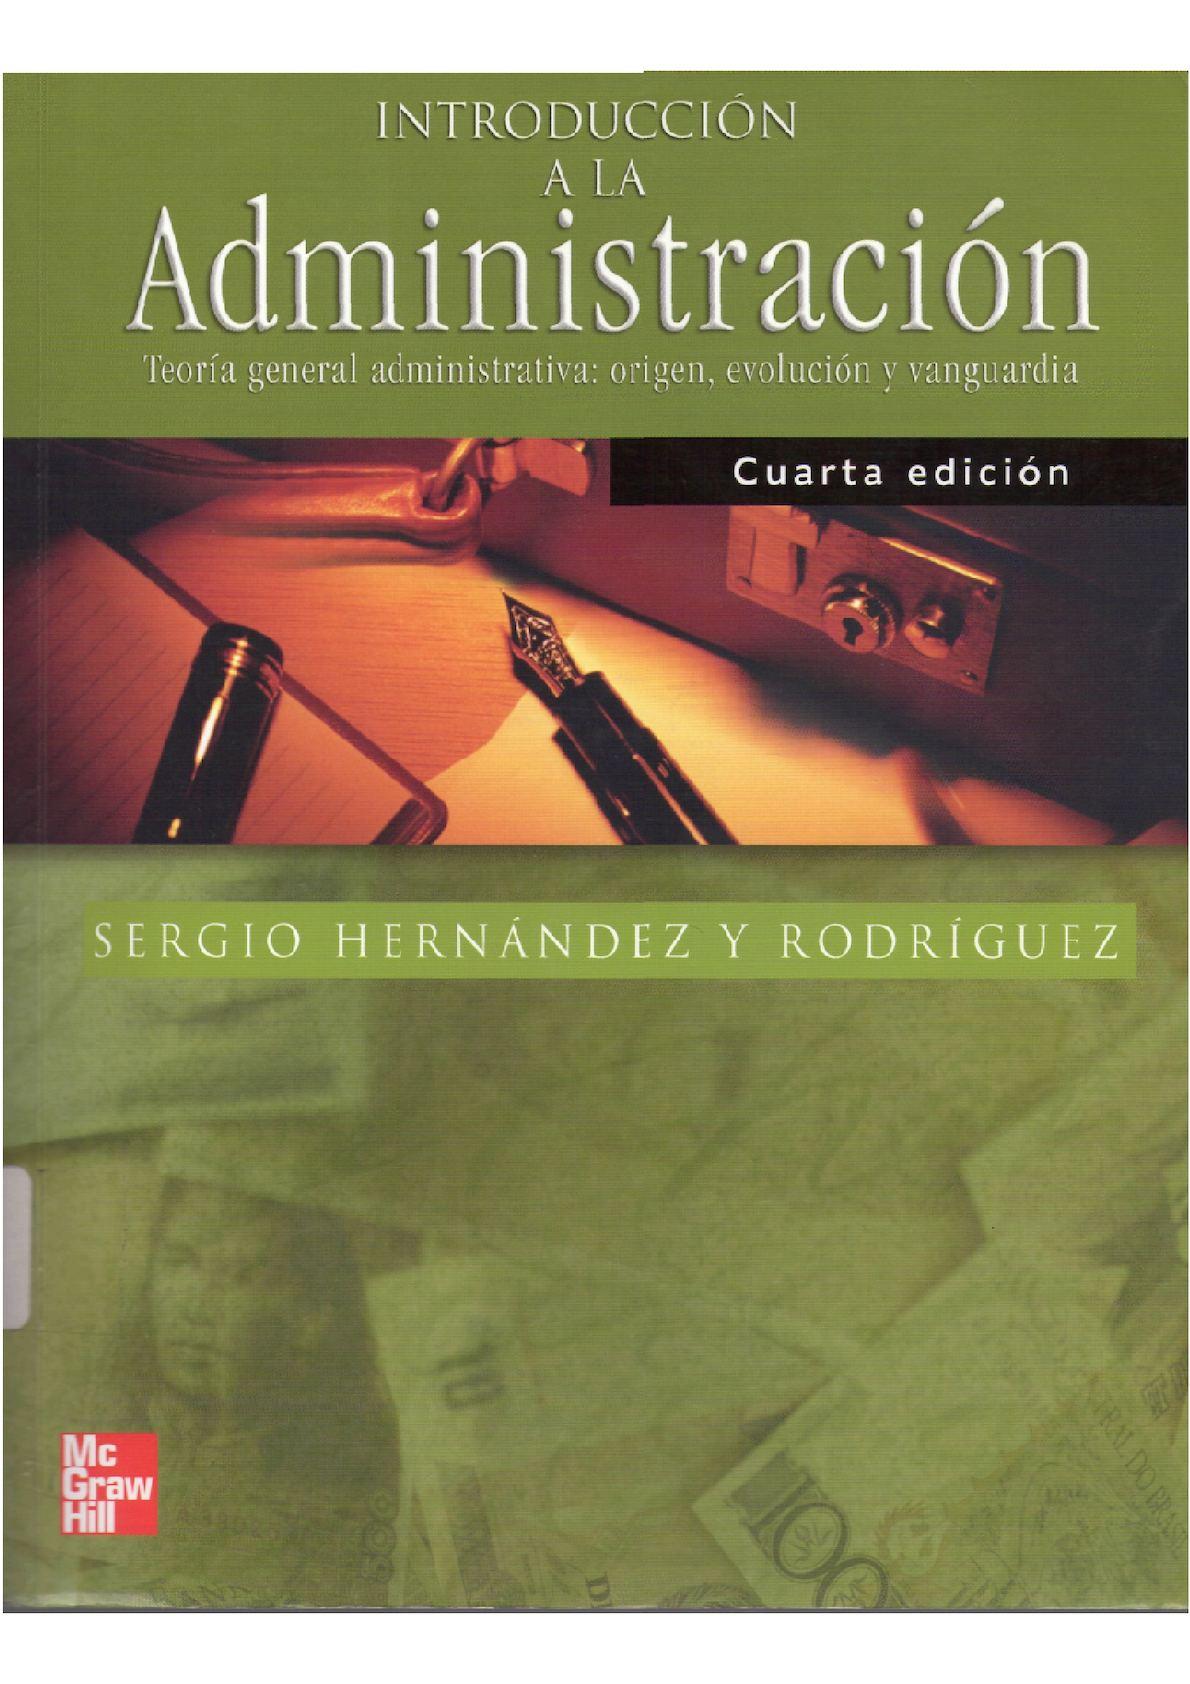 HERNANDEZ Y RODRIGUEZ SERGIO PDF